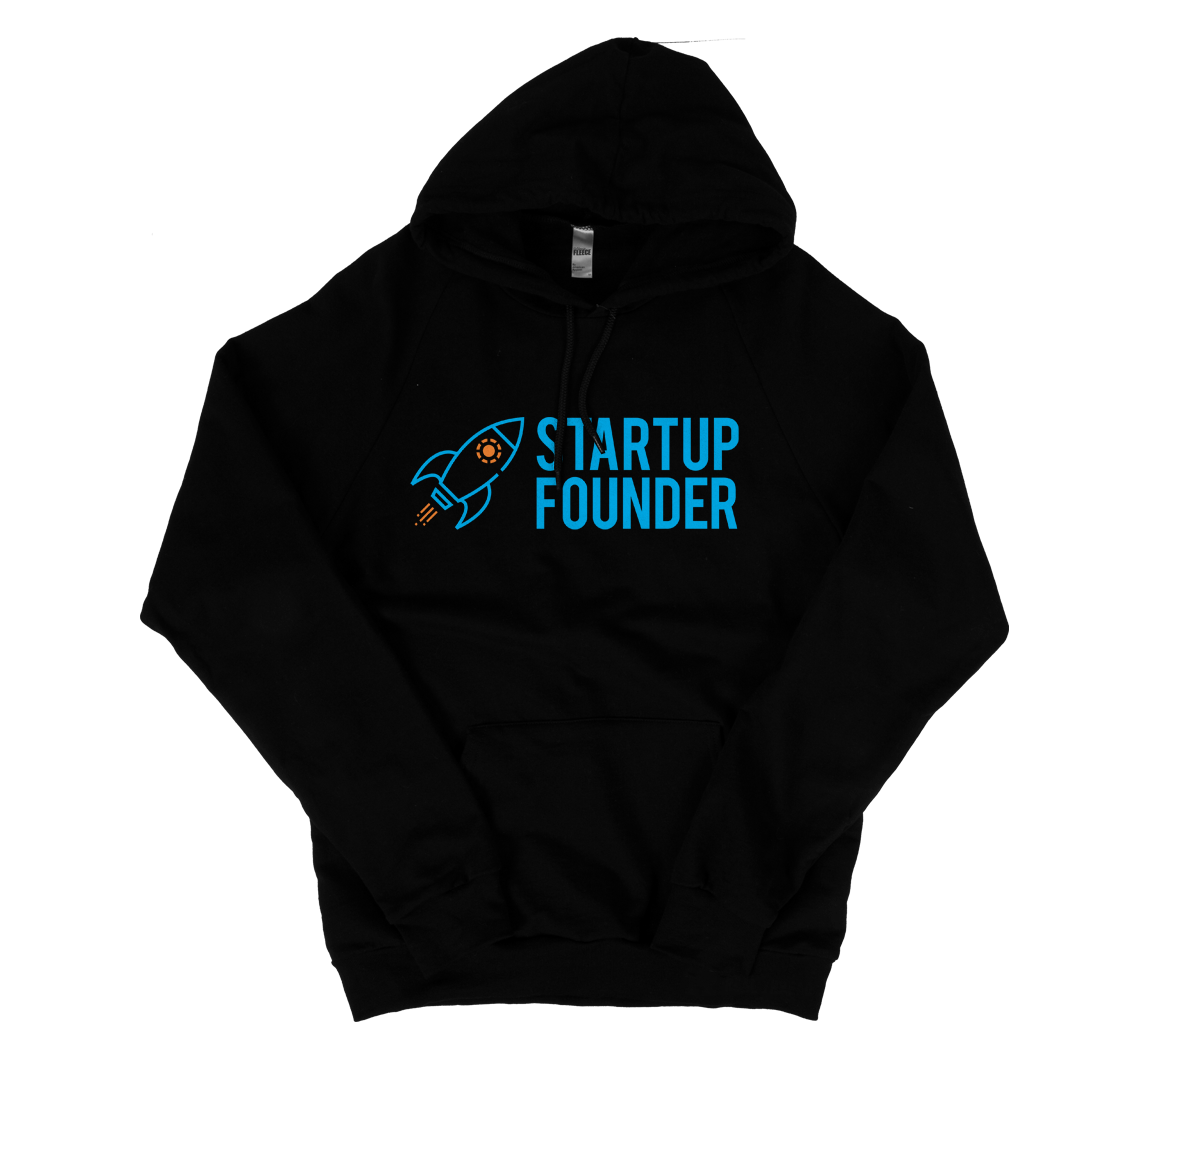 [PRE ORDER] Hoodie Startup Founder 1